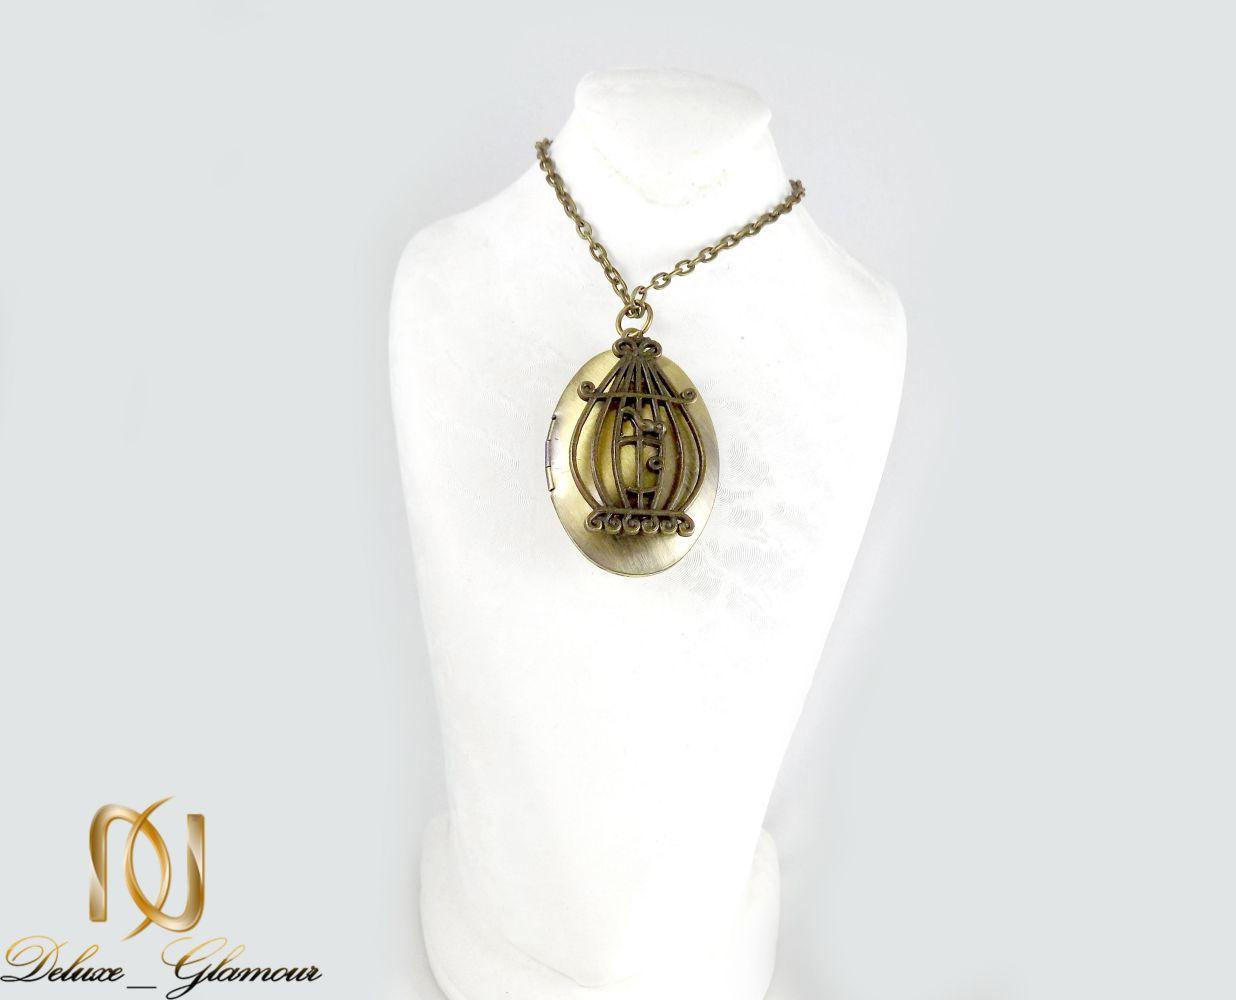 گردنبند رومانتویی سنتی طرح قاب عکس با رویه مرغ آمین nw-n242 از نمای روی استند